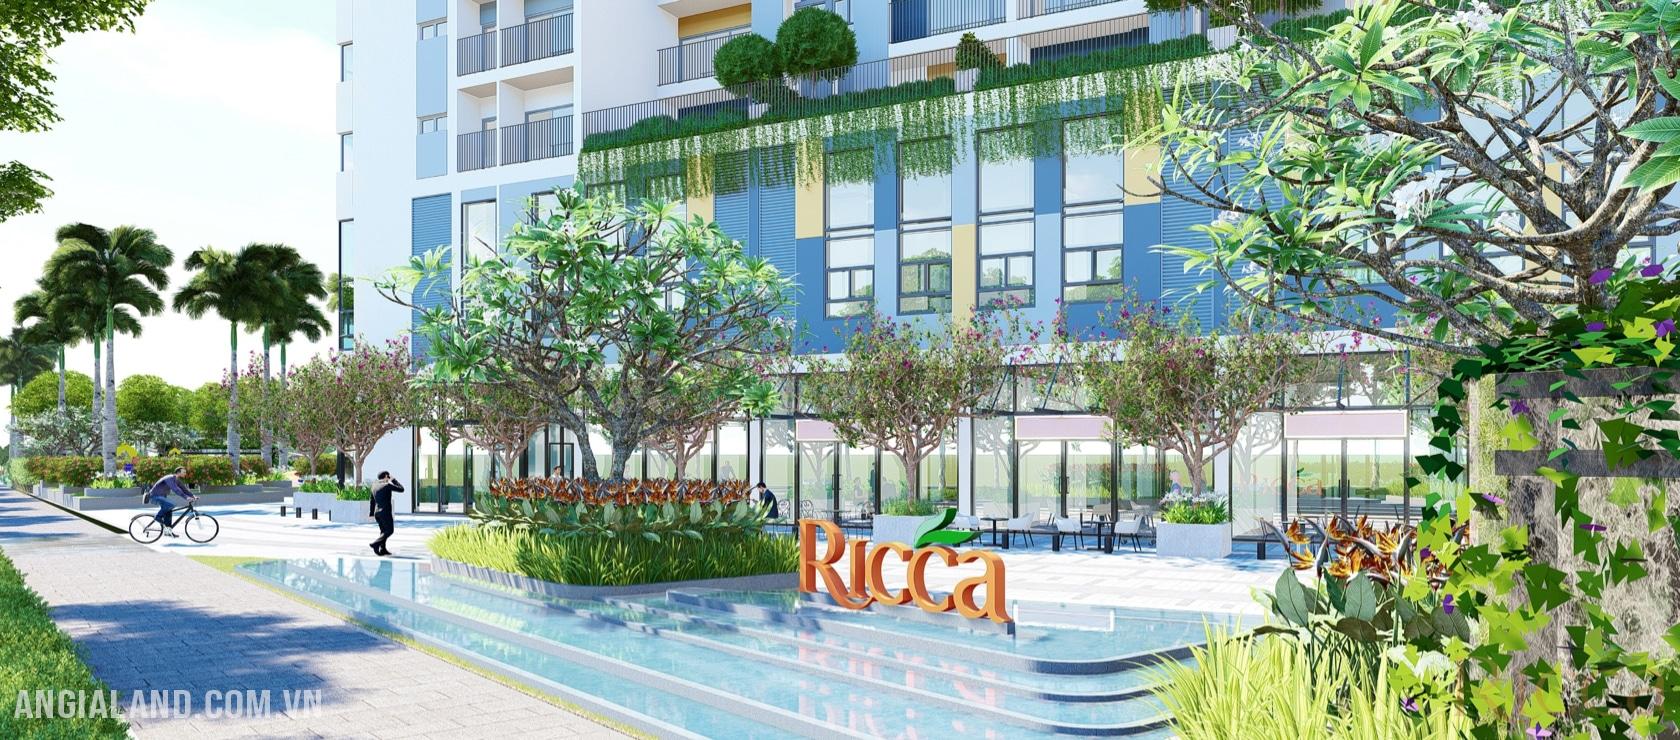 Cổng chào dự án căn hộ chung cư Ricca Quận 9